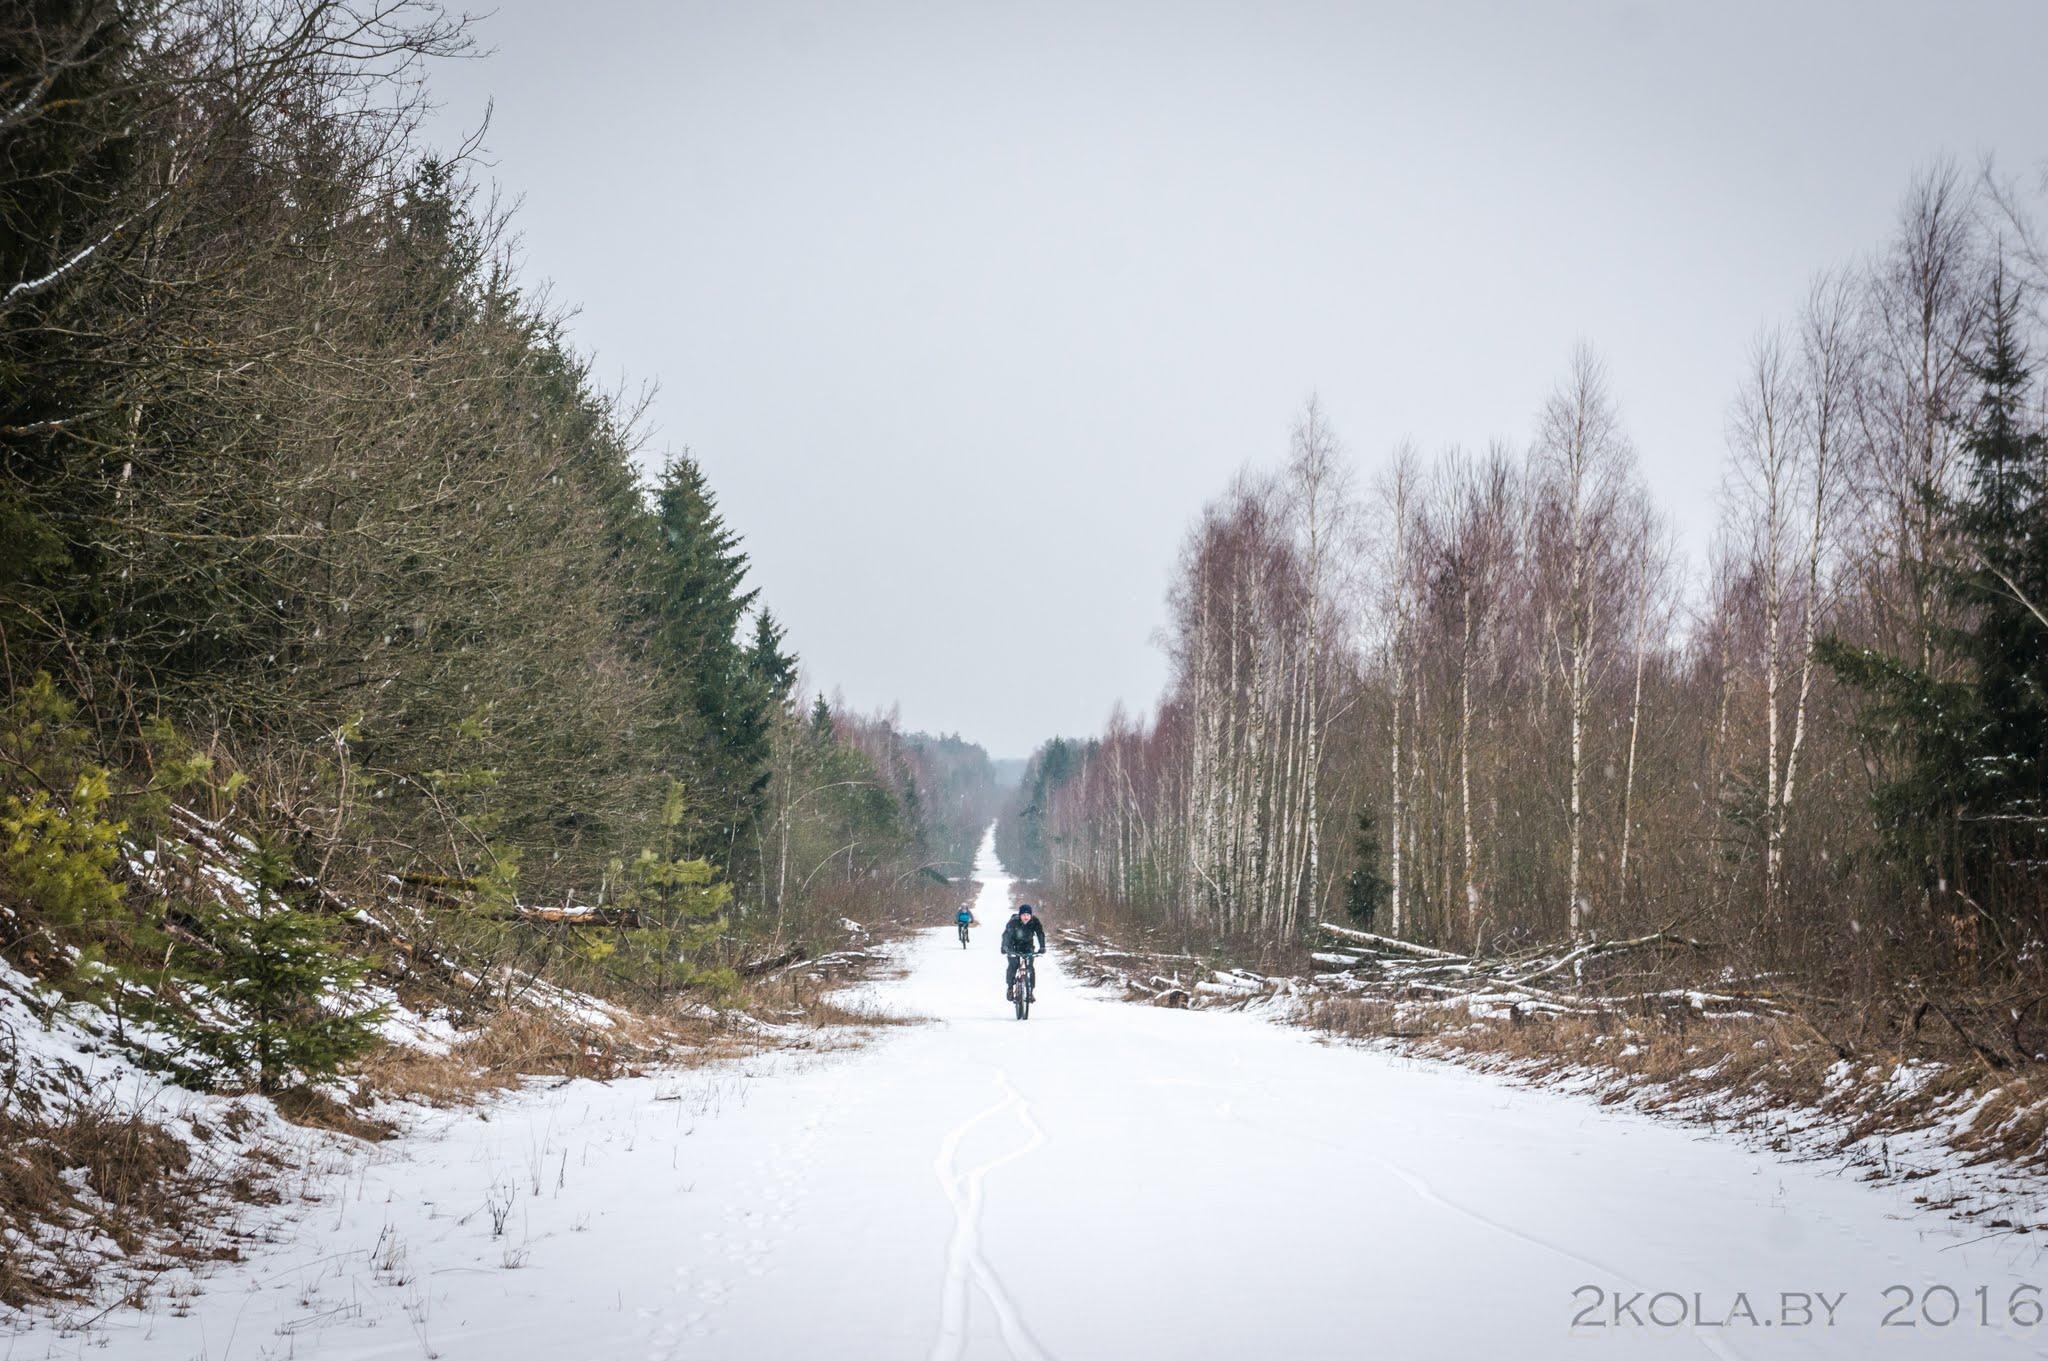 DSC08875 - Зимняя покатушка по достопримечательностям Ганцевичского и Клецкого районов.